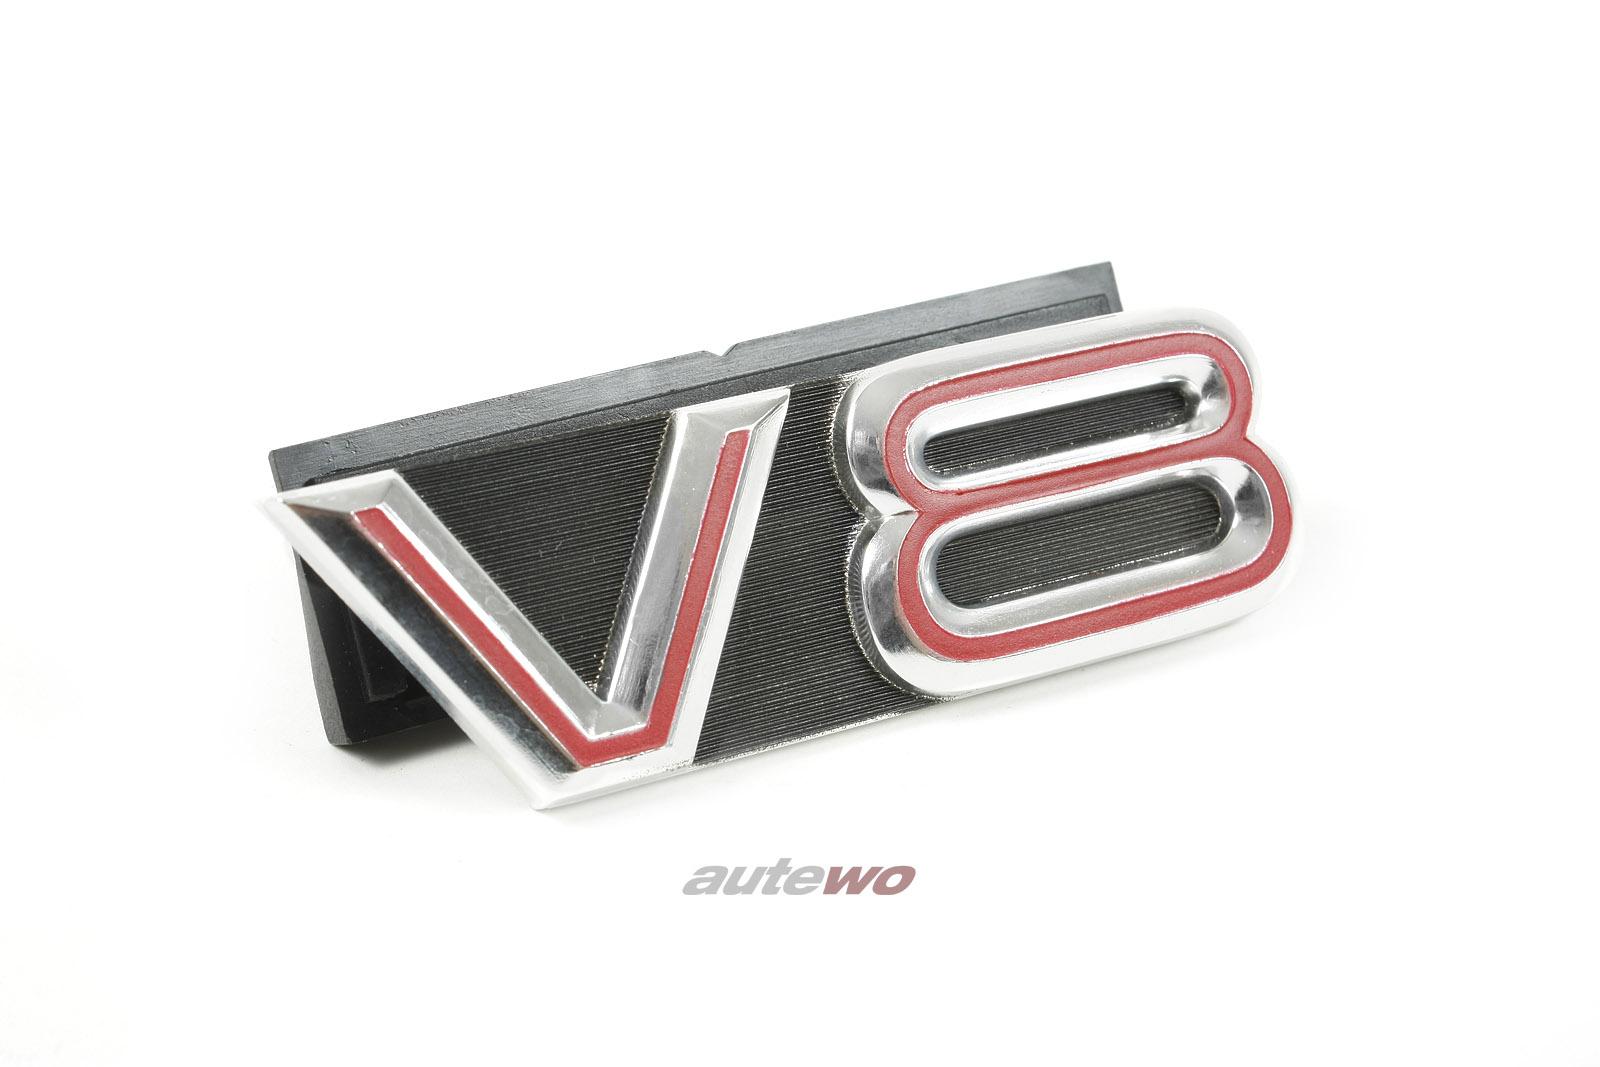 441853736A NEU Audi V8 D11 V8 Kühlergrill Emblem mit Befestigungsmaterial rot